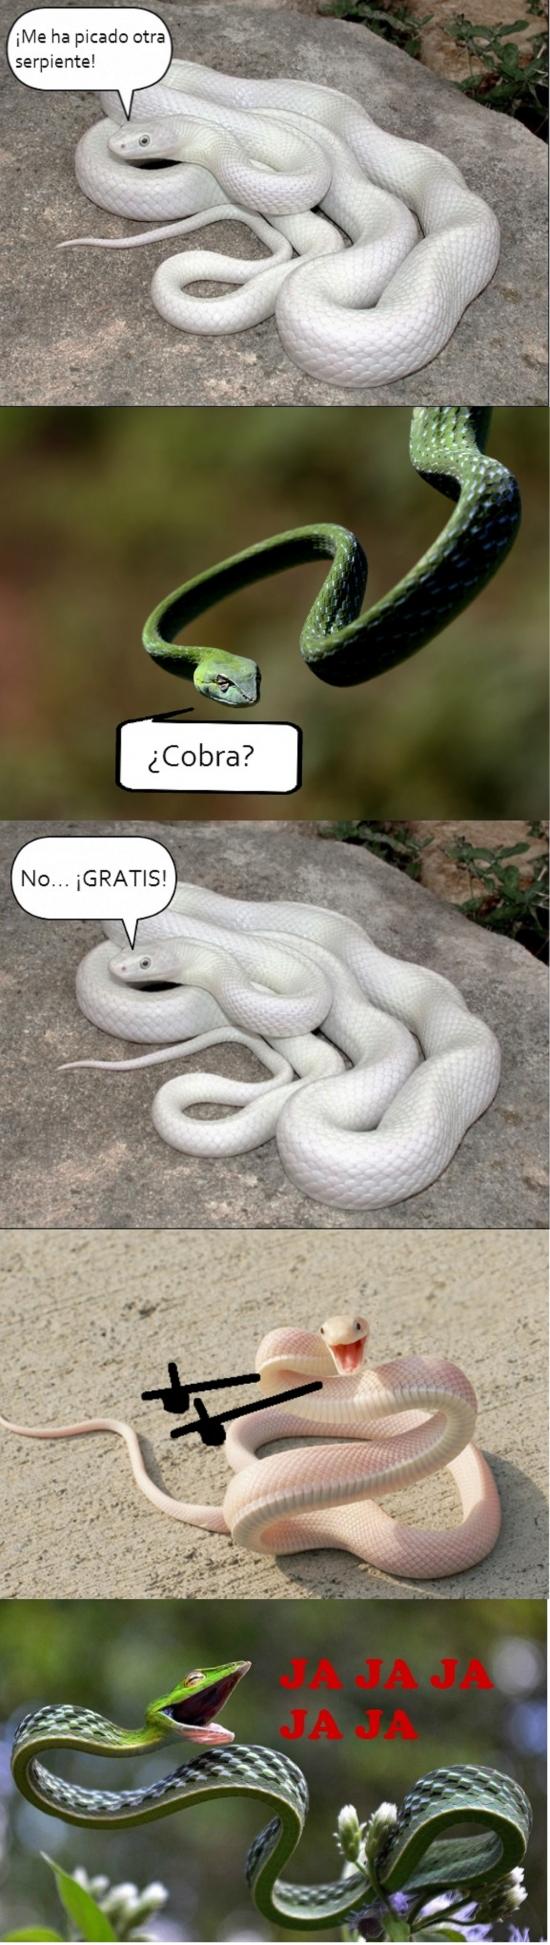 Otros - Las serpientes pueden ser muy enrolladas